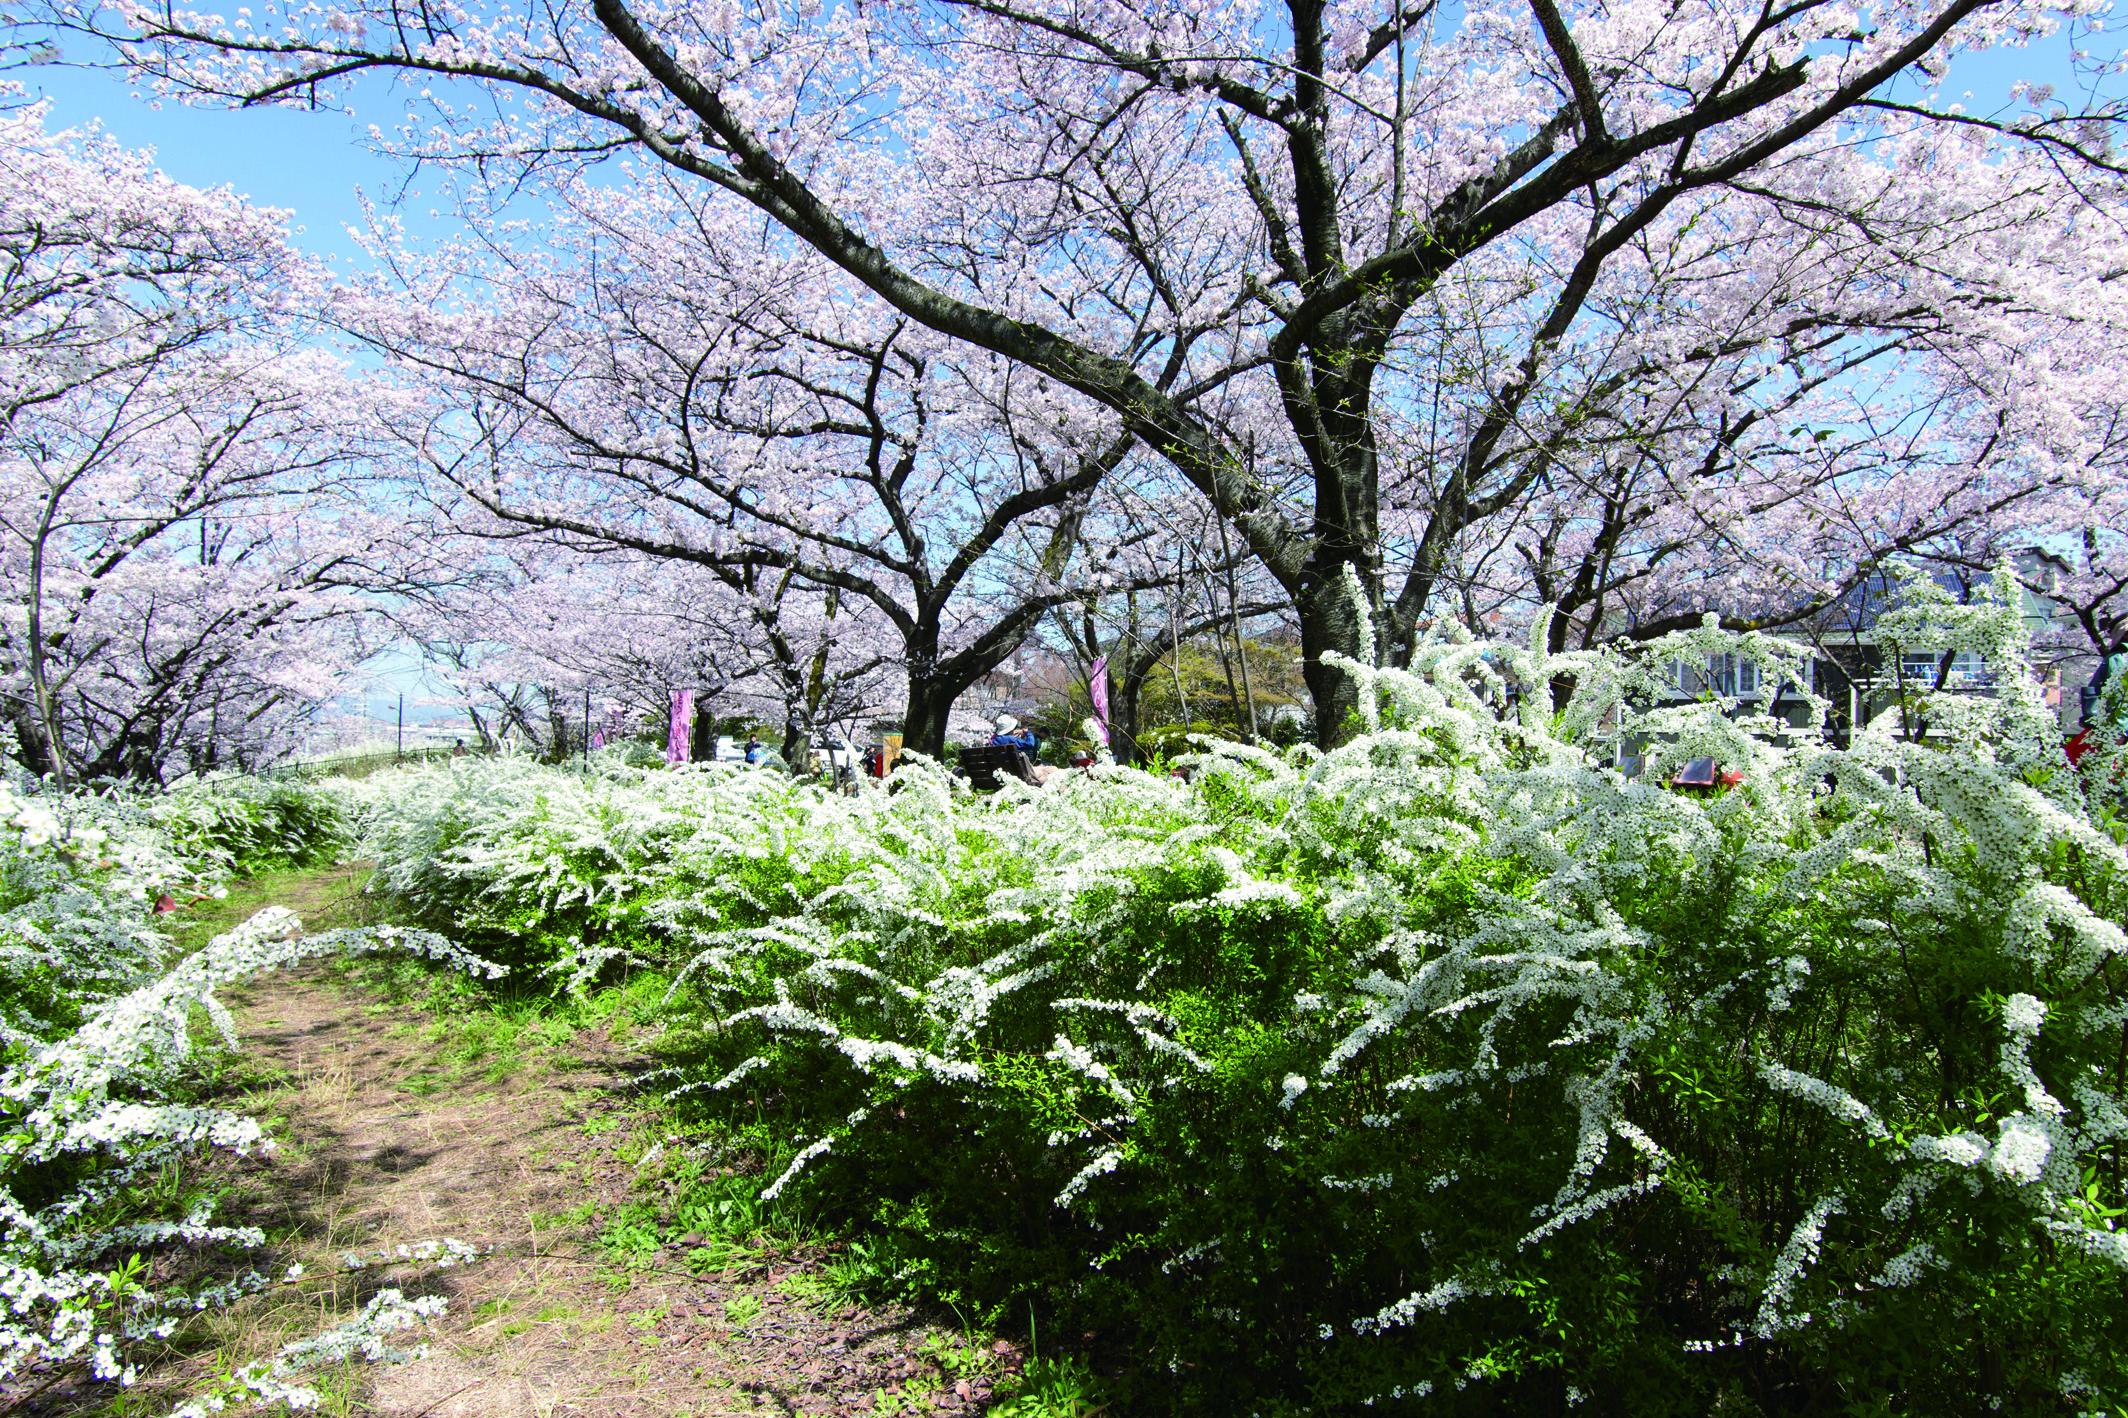 春には徒歩4分で妙見河原の桜の花見を楽しむ事ができます。